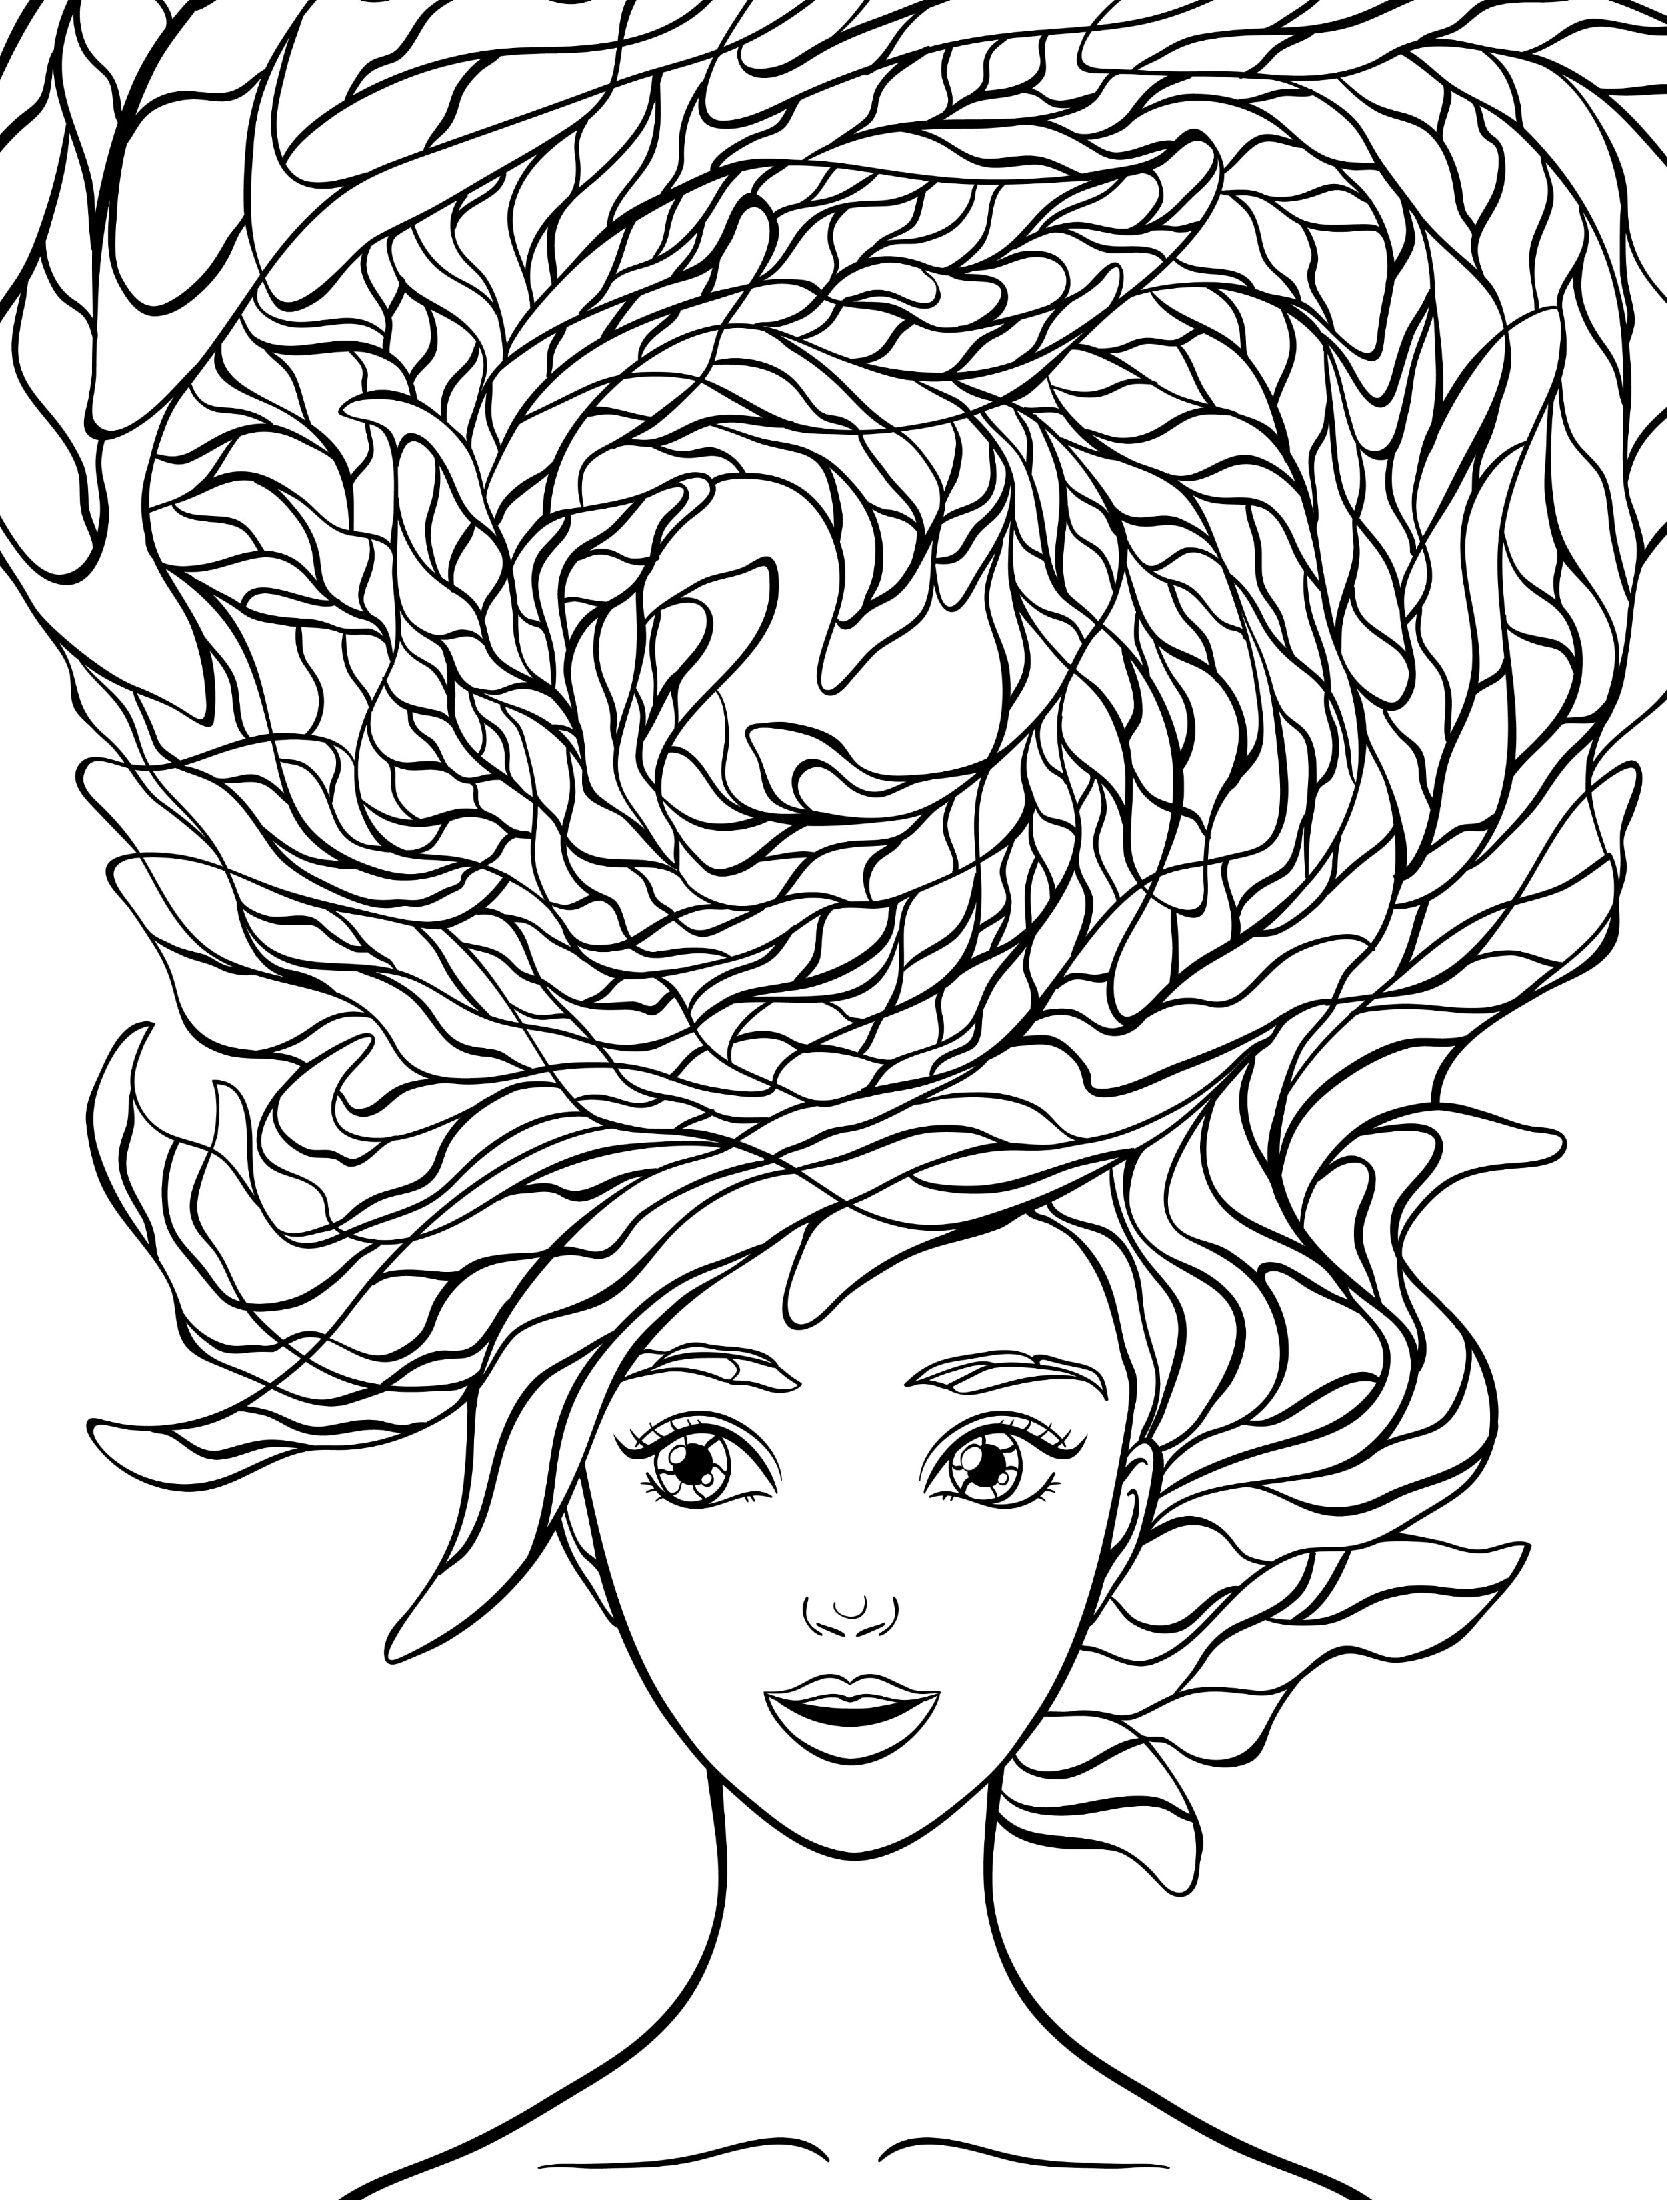 прическа прекрасные волосы люди и лица раскраски антистресс